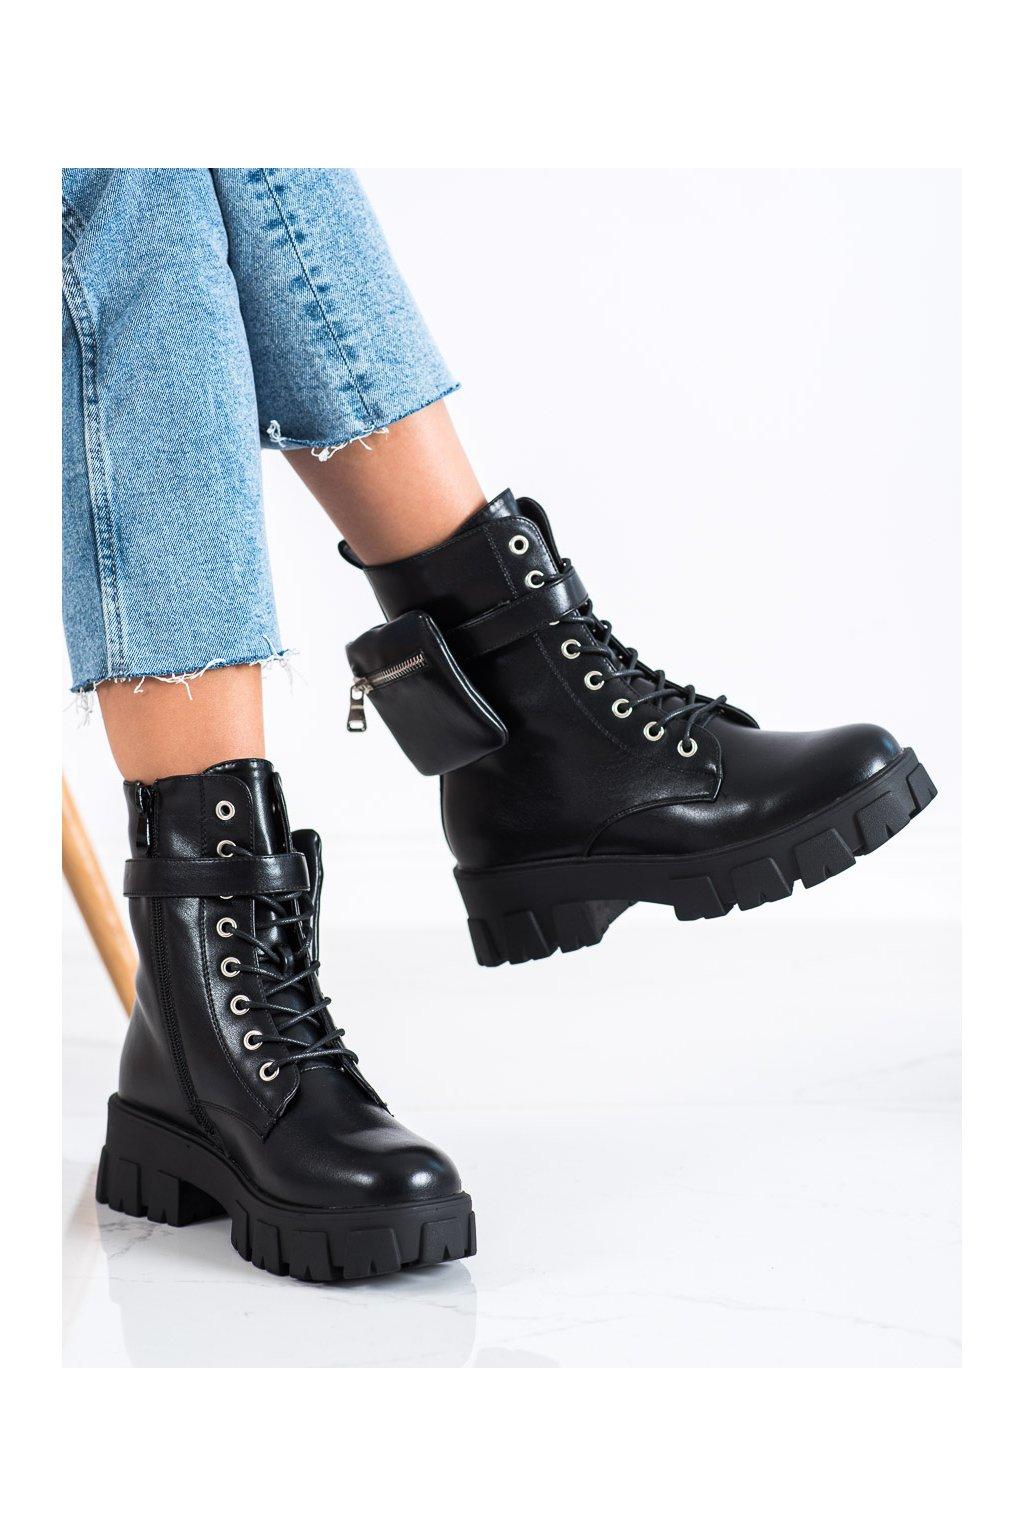 Čierne dámske topánky Vinceza kod HX22-16275B